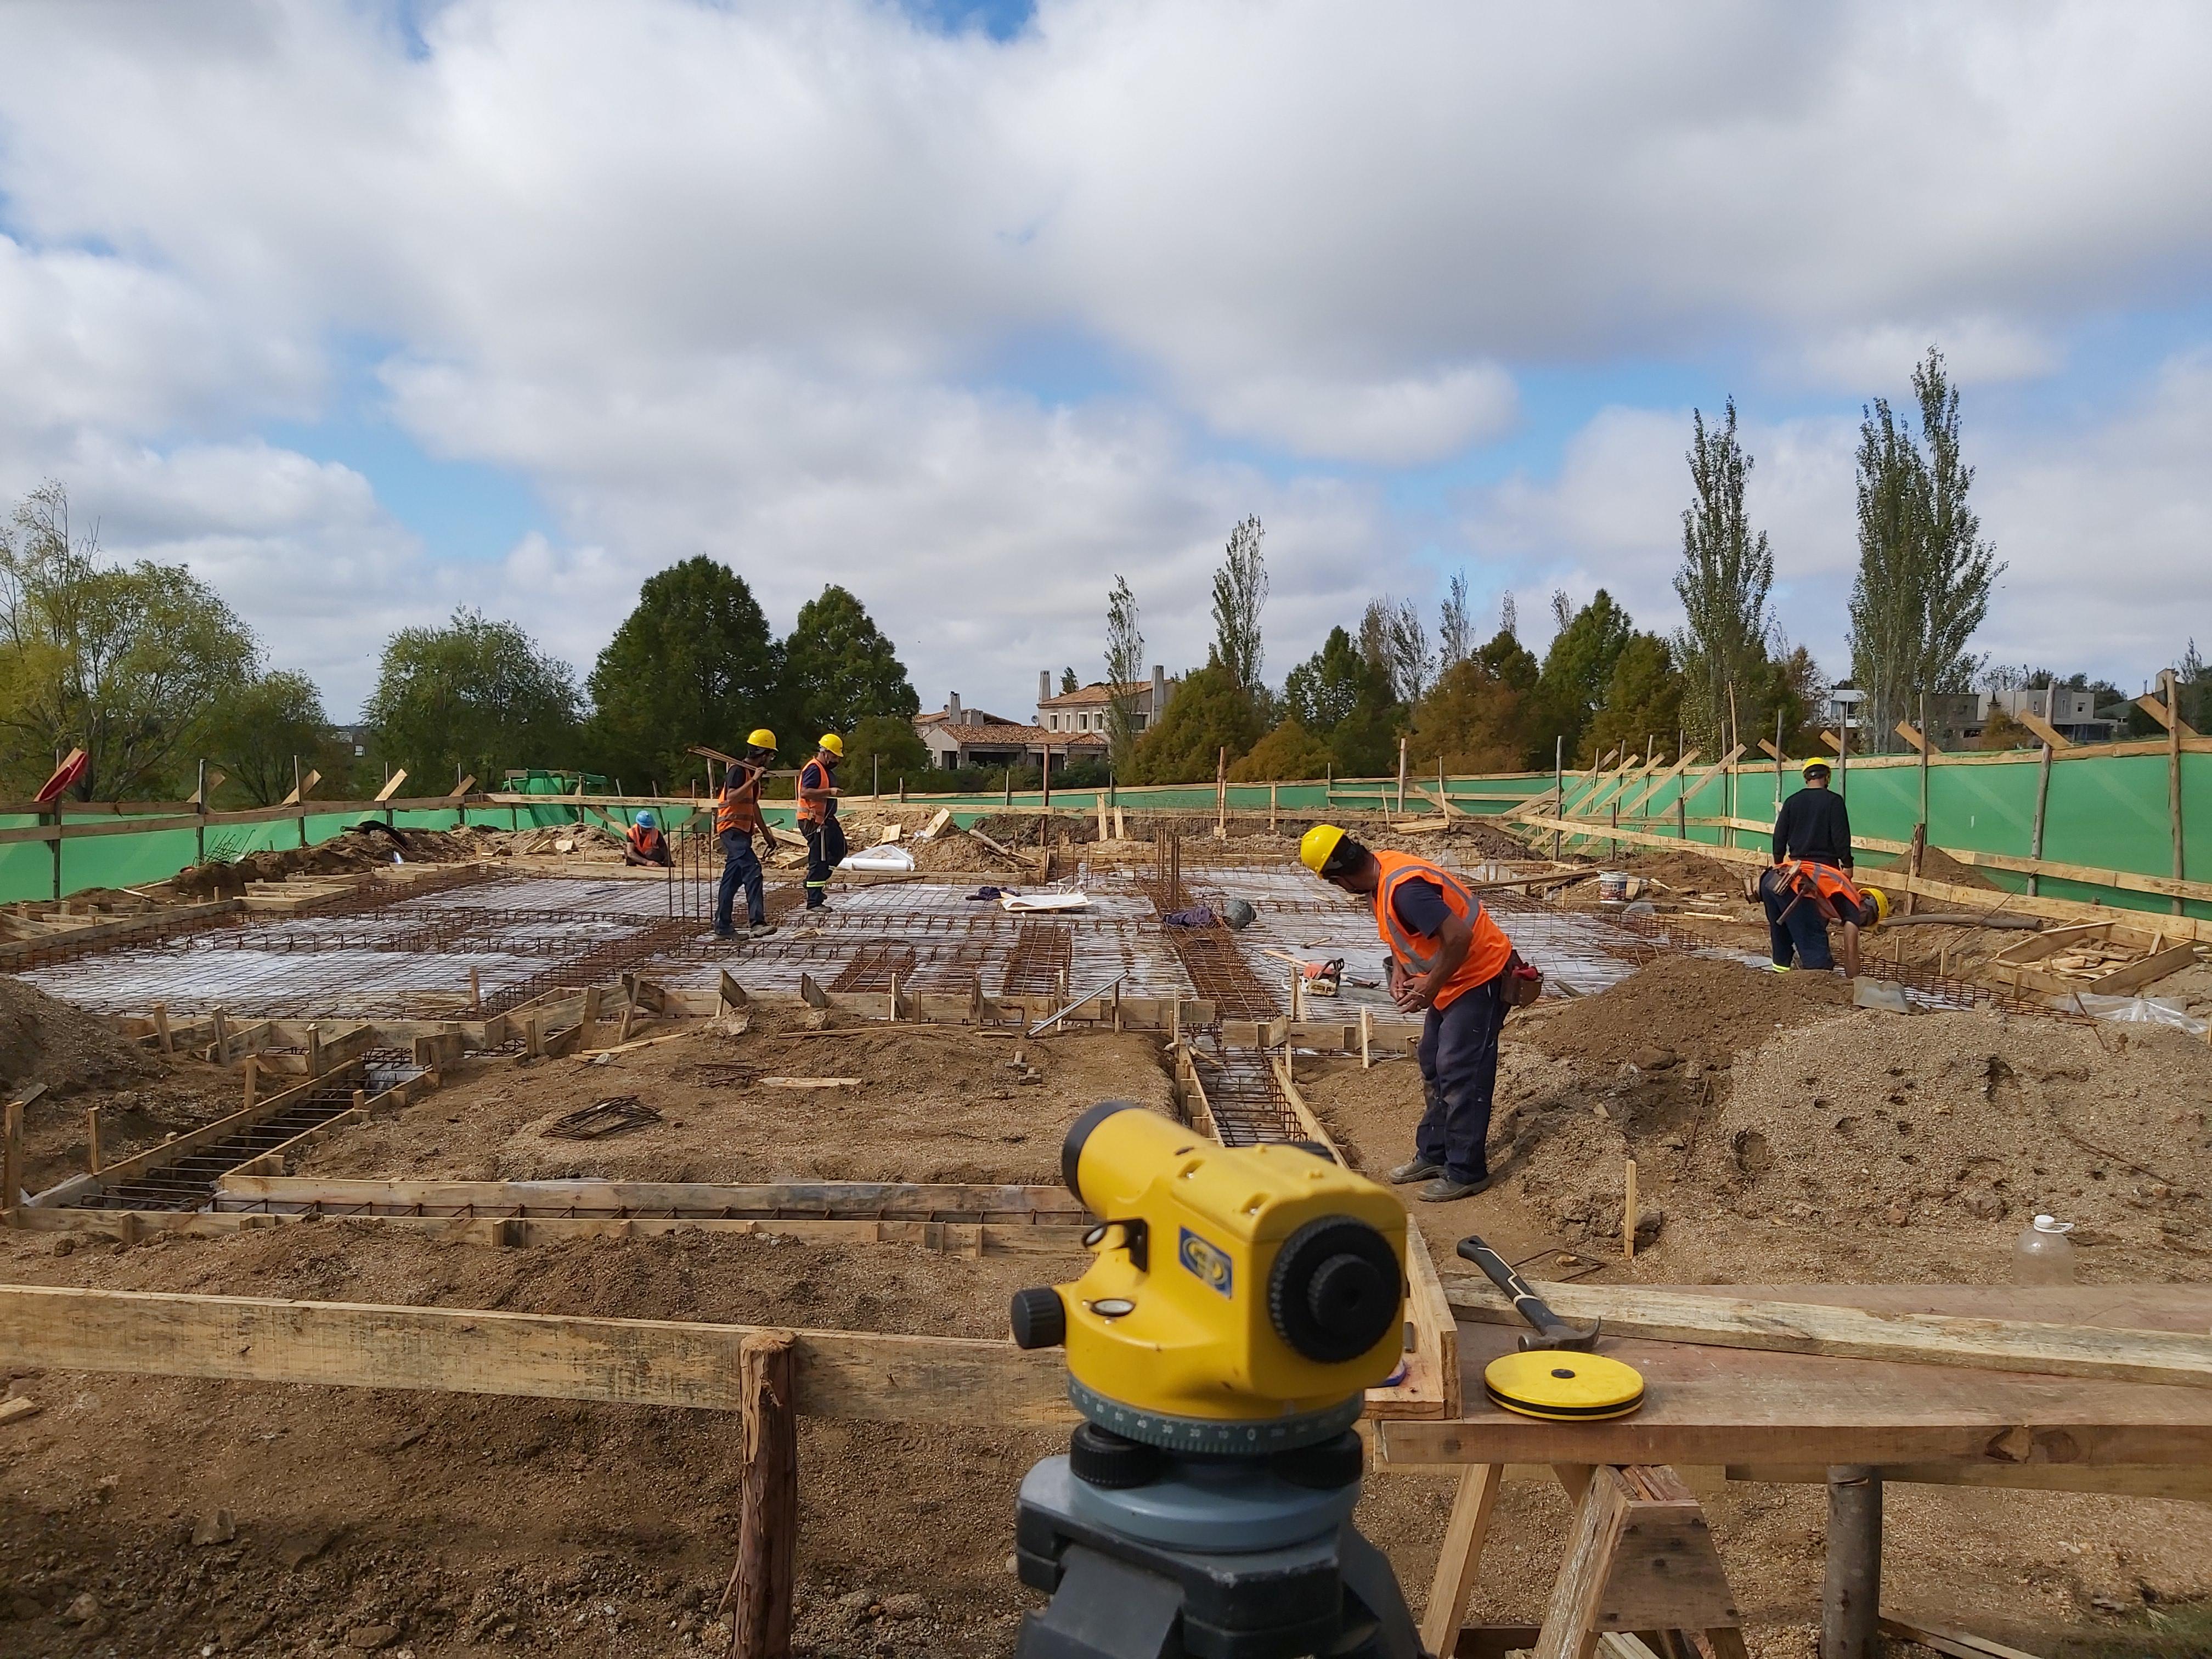 Sigue creciendo la cantidad de trabajadores en la construcción y esperan llegar a 50 mil